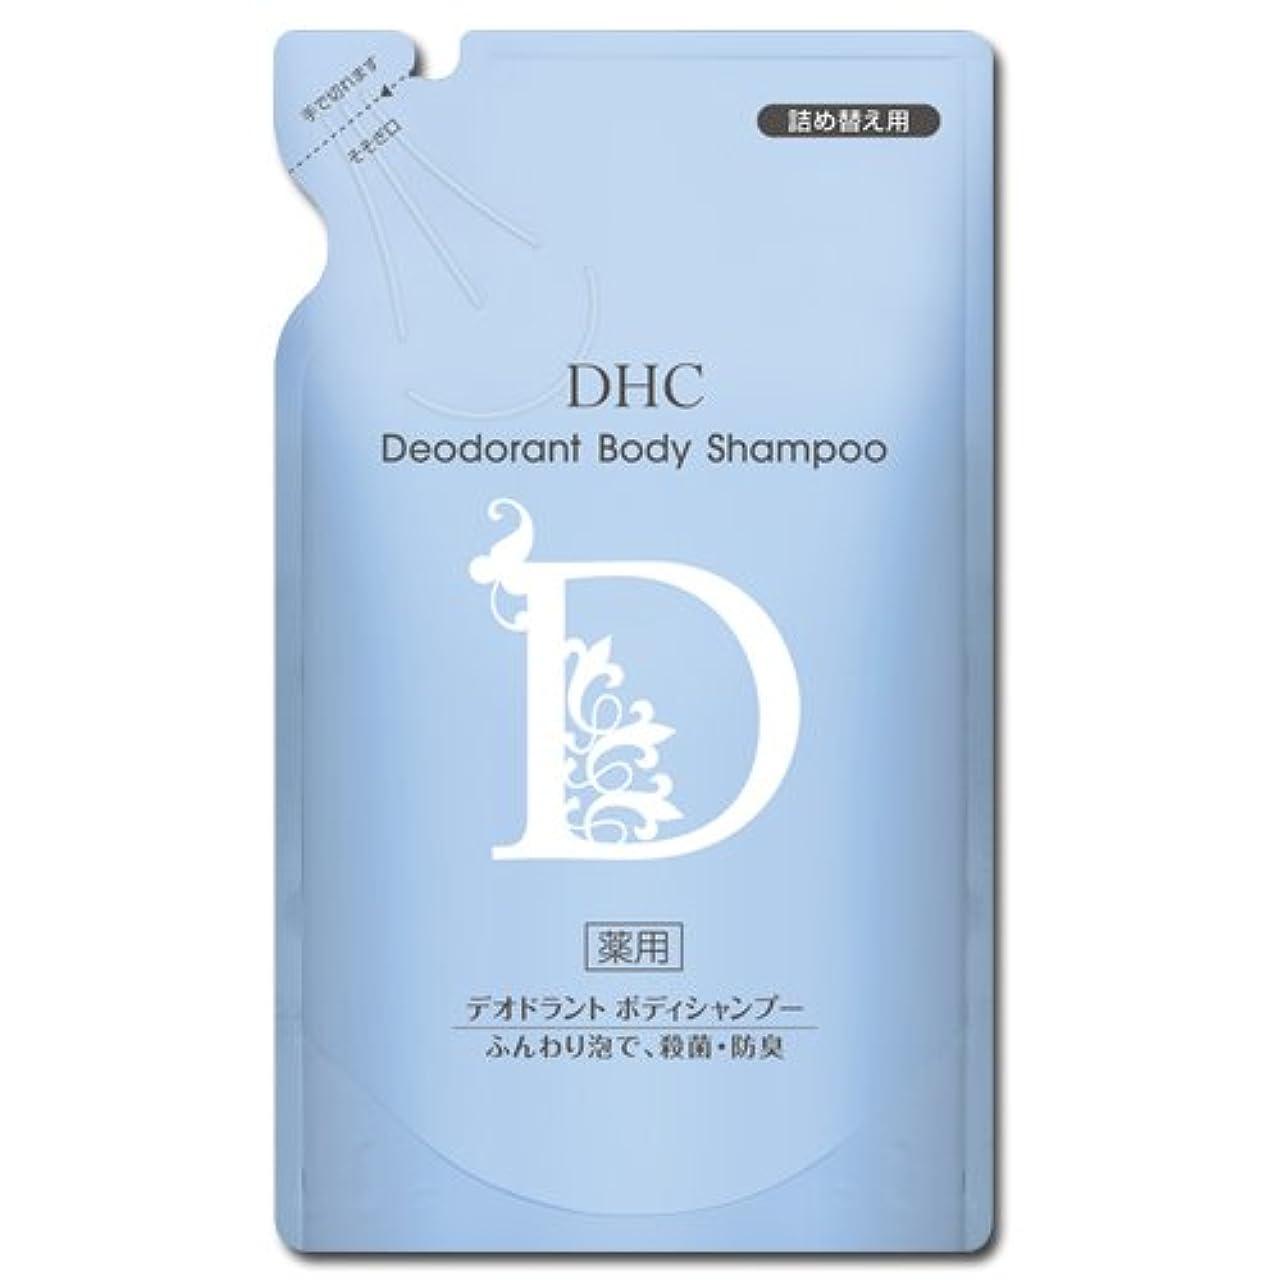 関係ない文字とても【医薬部外品】DHC薬用デオドラント ボディシャンプー 詰め替え用